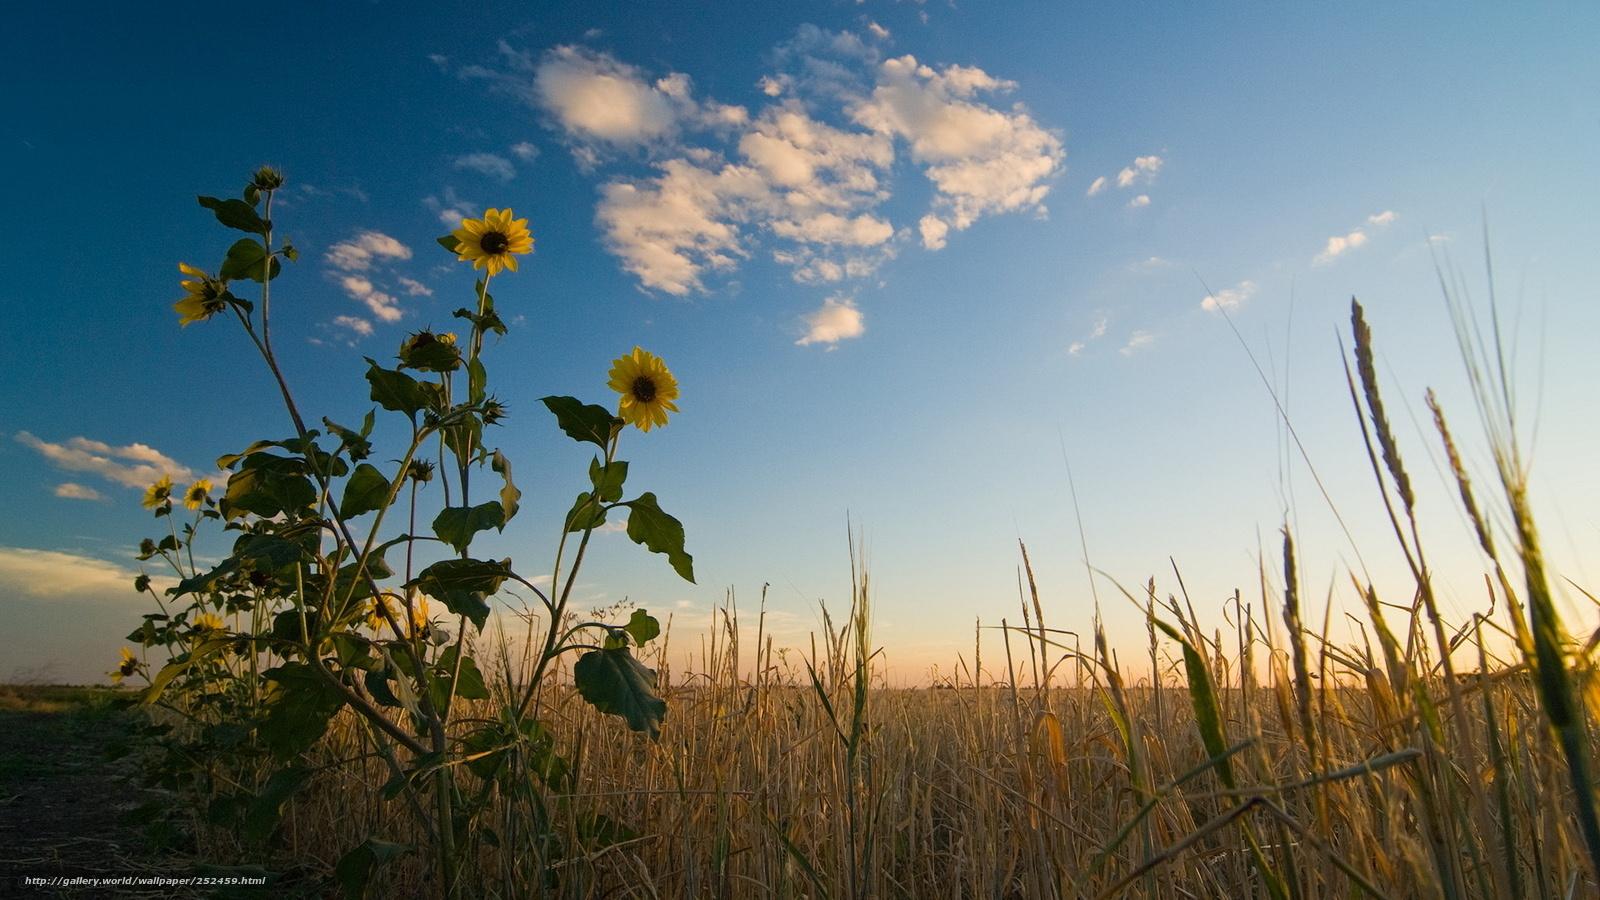 Descargar gratis campo cielo verano fondos de escritorio en la resolucin 1920x1080 imagen - Fondos de escritorio verano ...